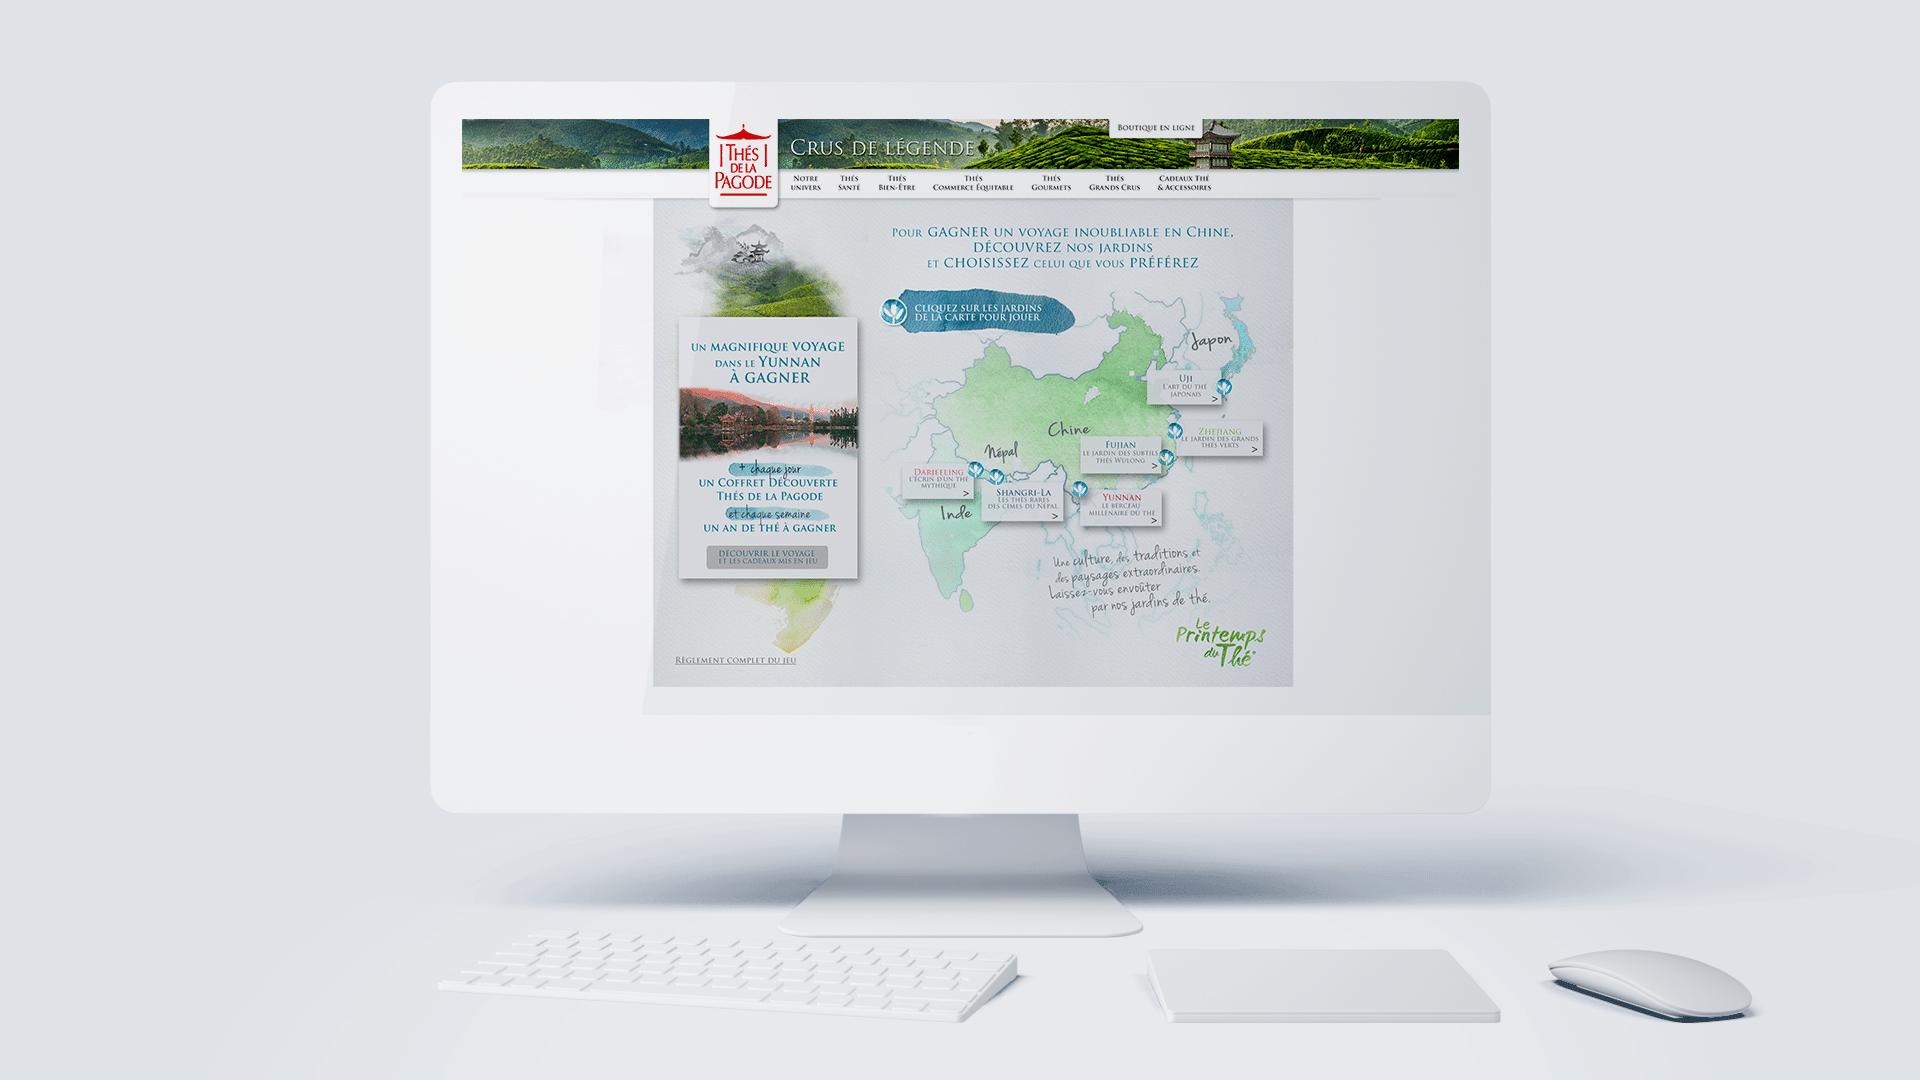 Jeu internet de la campagne 360° Printemps du Thé de notoriété pour le thé de la Pagode, par l'agence édition Siouxe, à Paris.